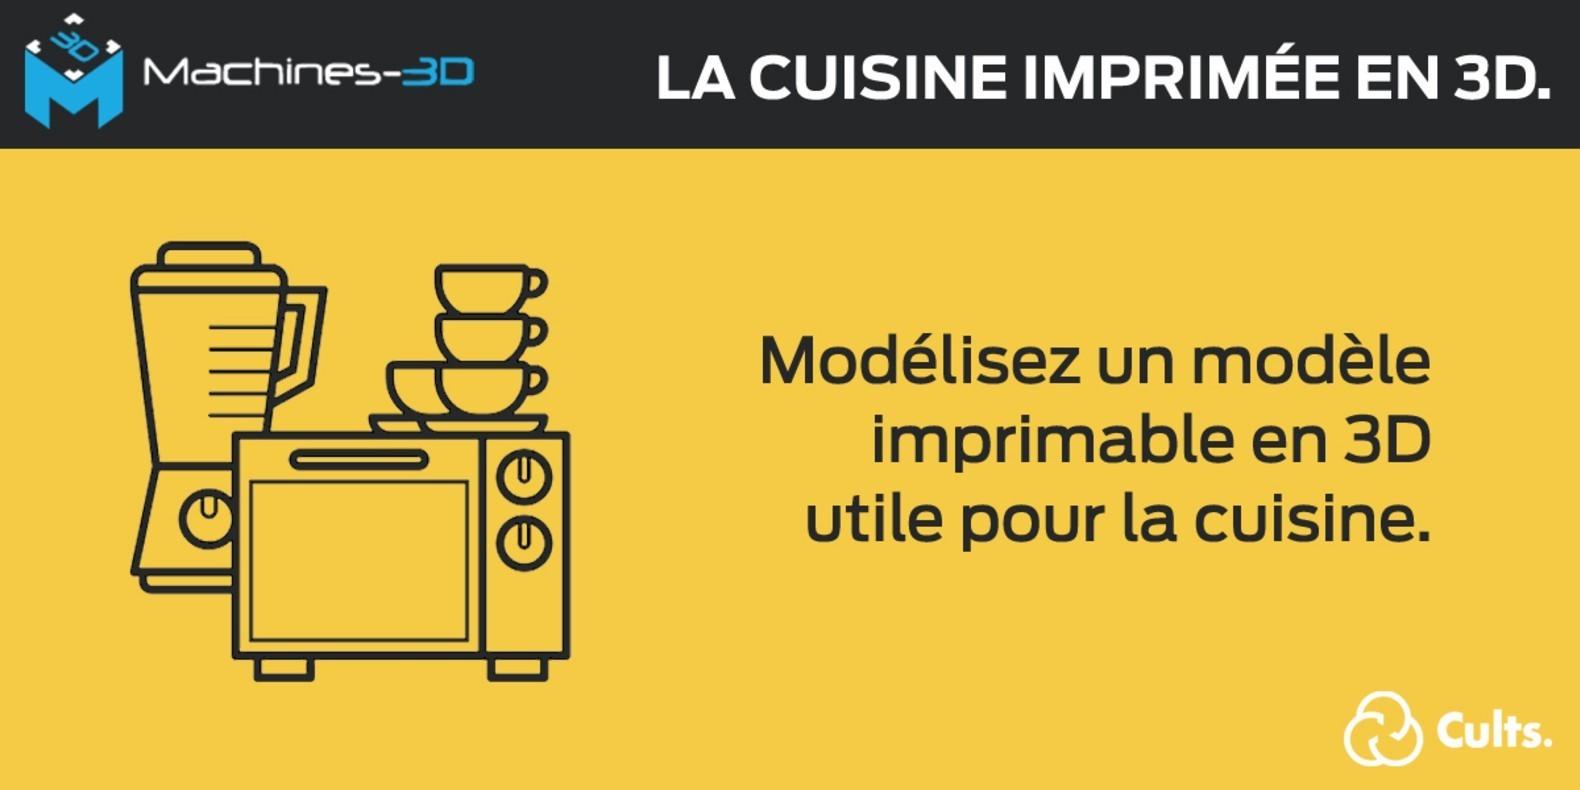 Concours Impression 3D START Machines-3D Cuisine